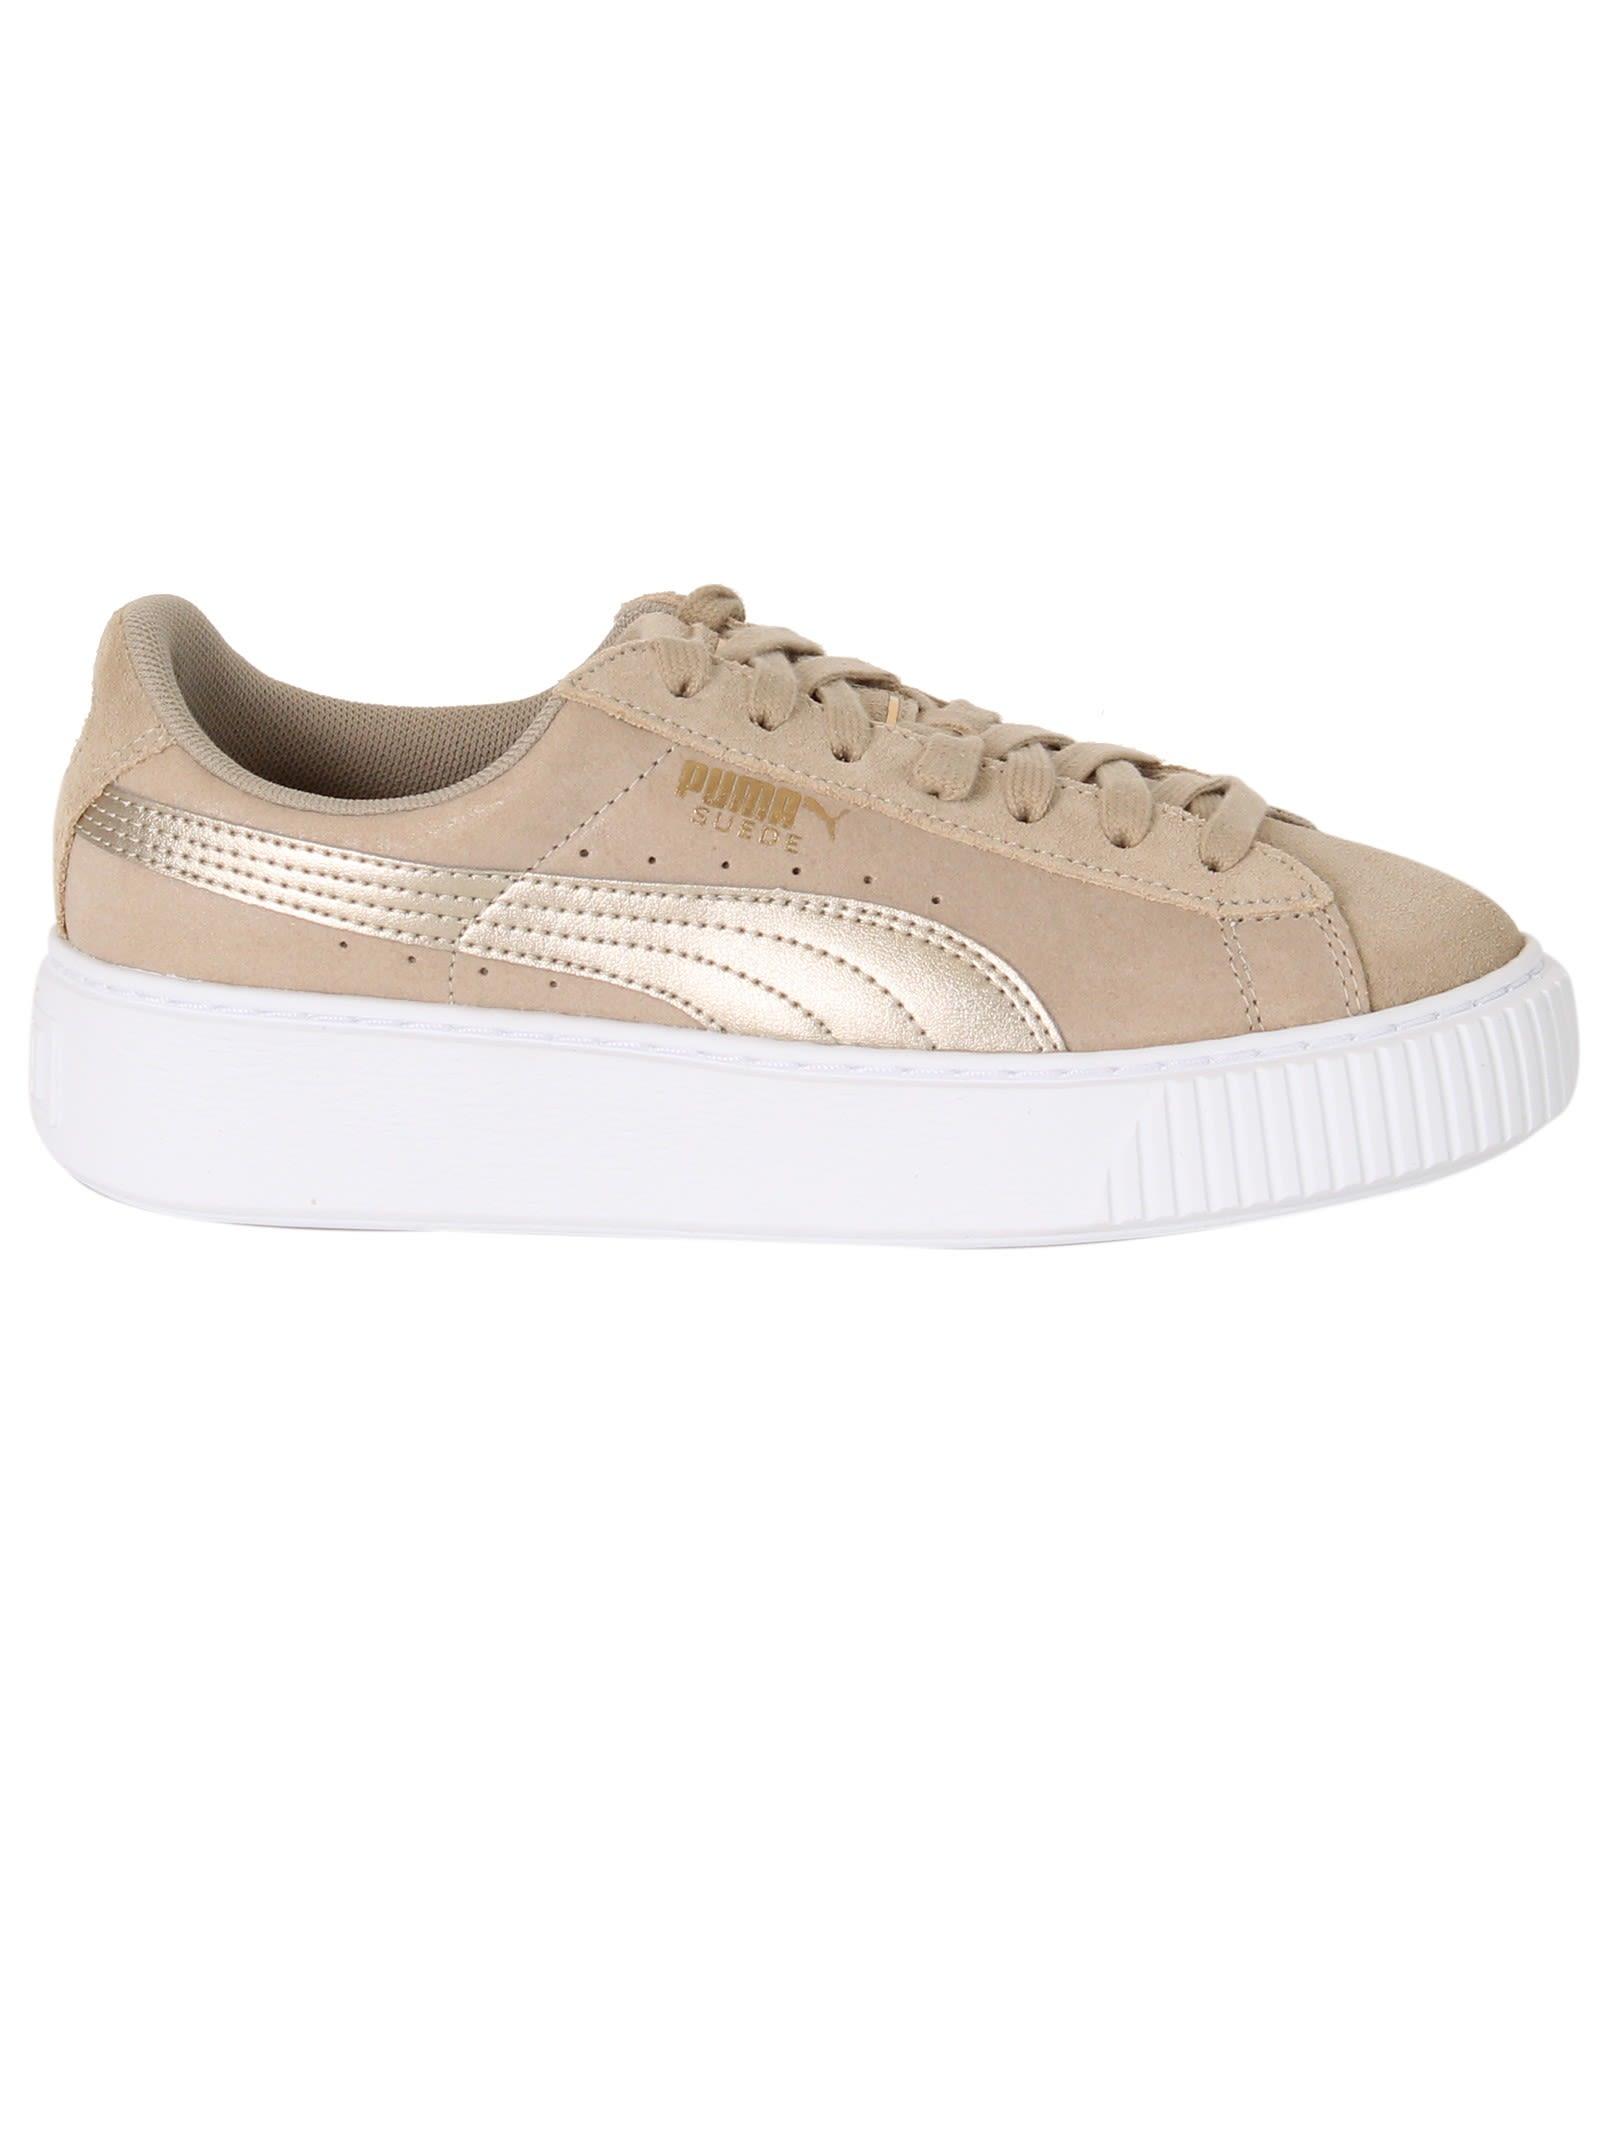 Puma Safari Suede Platform Sneakers